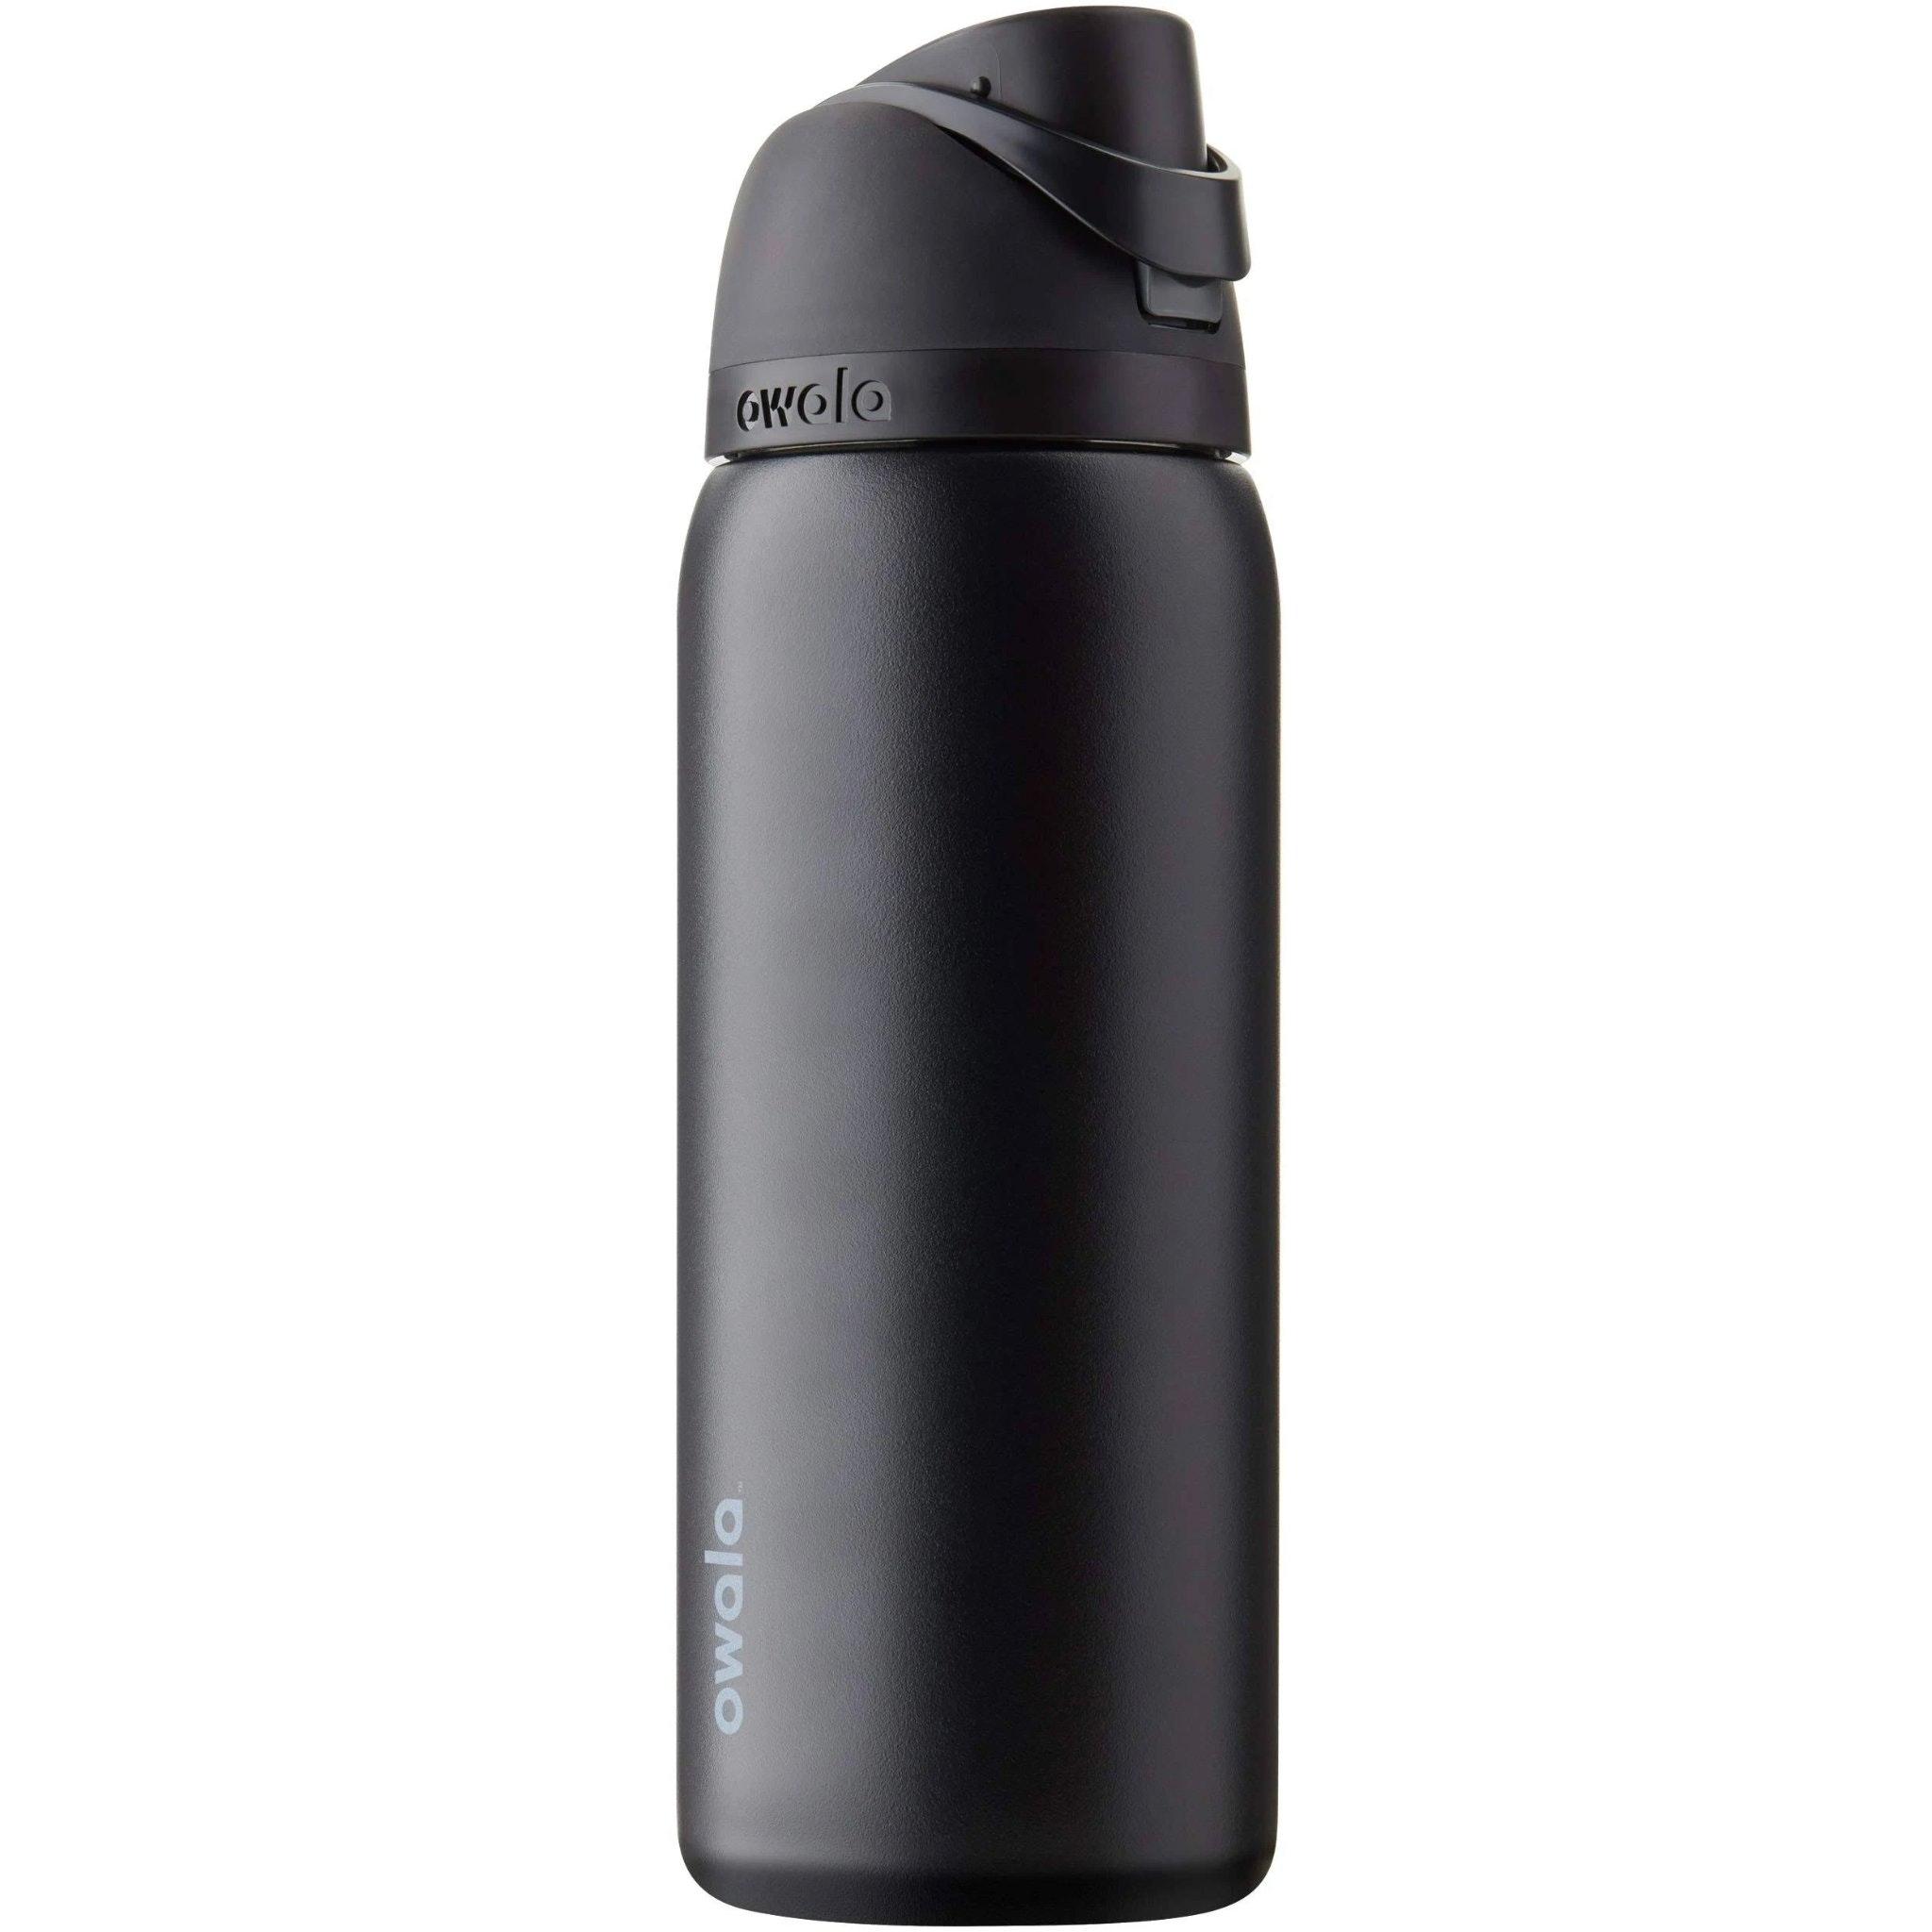 Owala Freesip Water Bottle